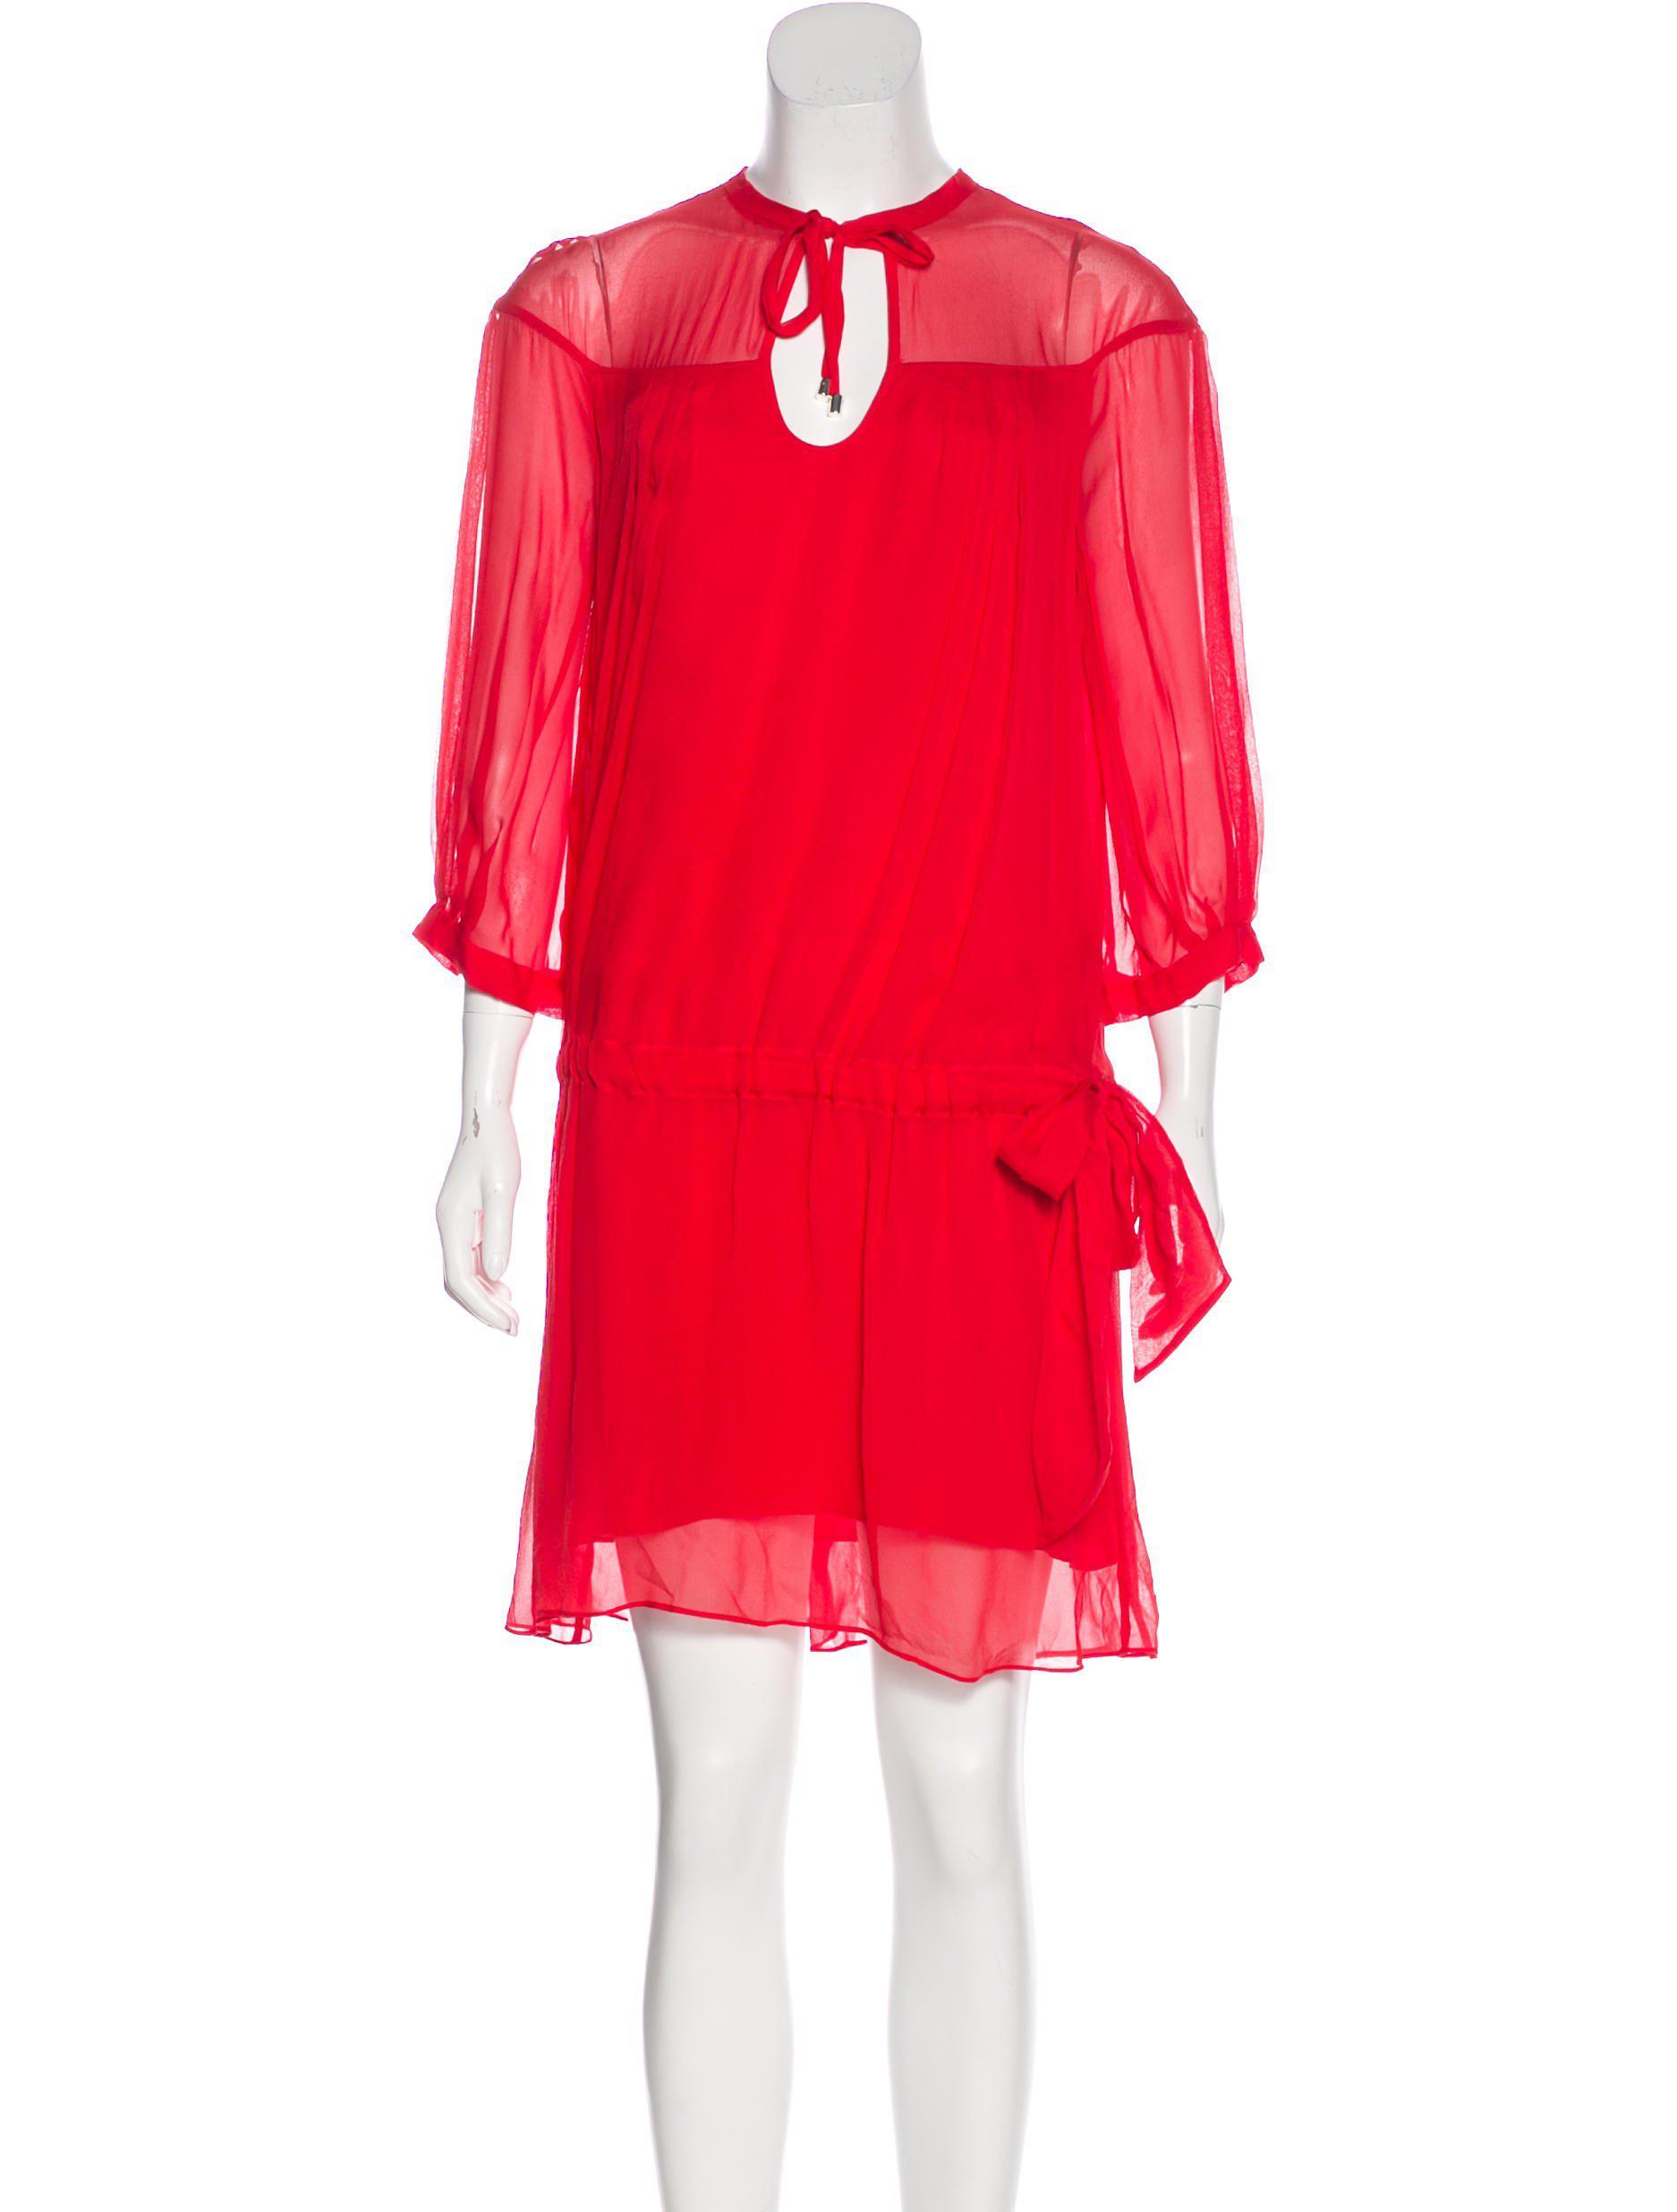 1cb85b9ee8c5f Lyst - Diane Von Furstenberg New Desma Silk Dress in Red